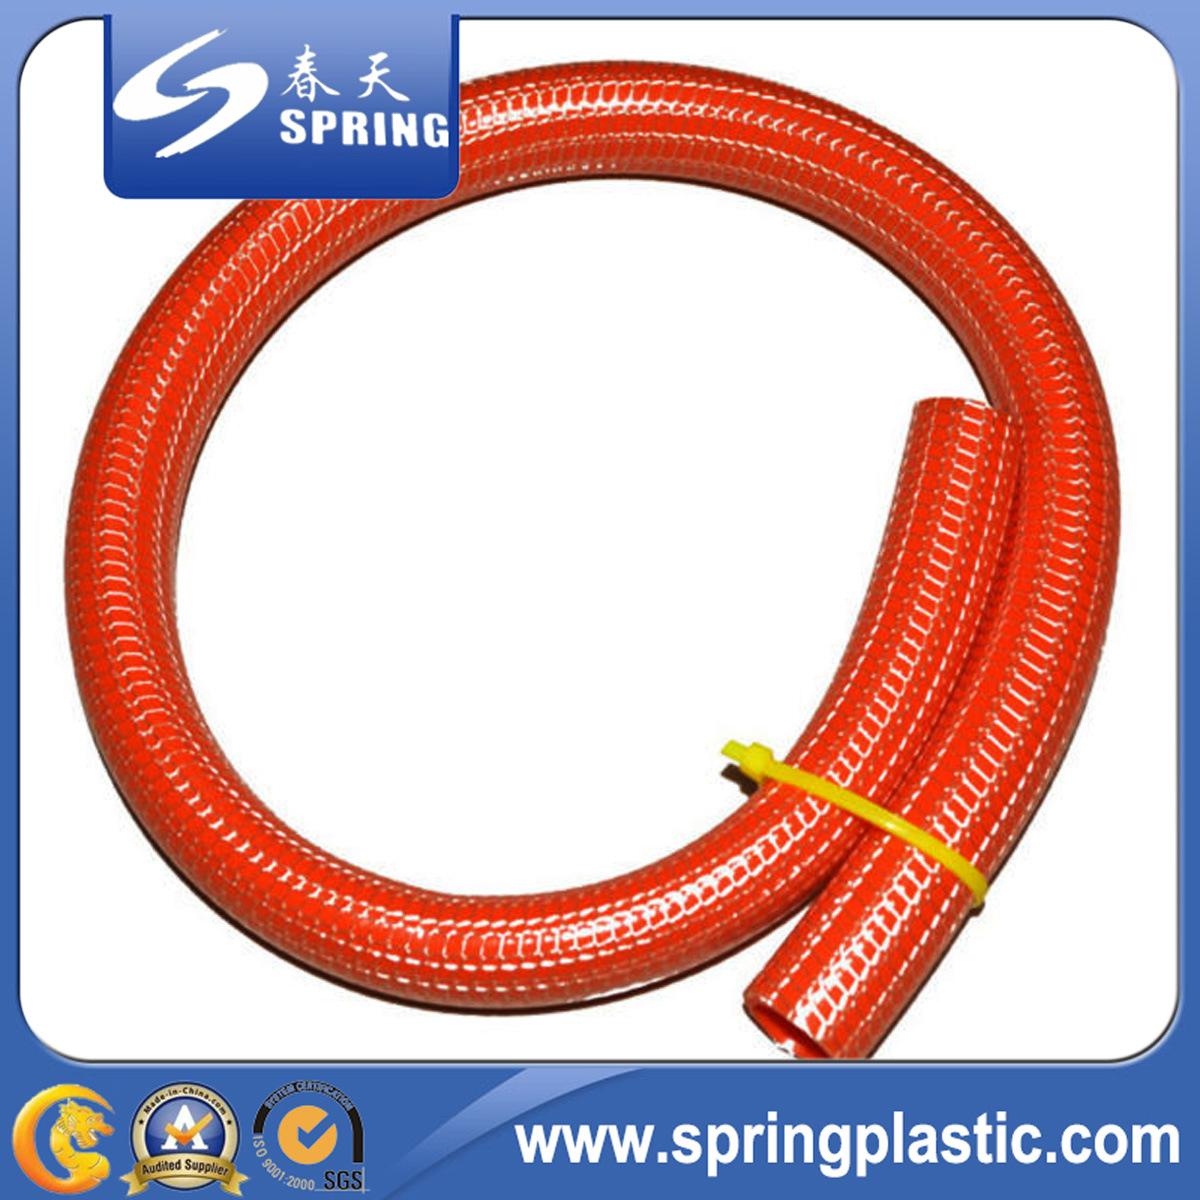 PVC フレキシブル繊維ニット強化ウォーターガーデンホース 1 インチ